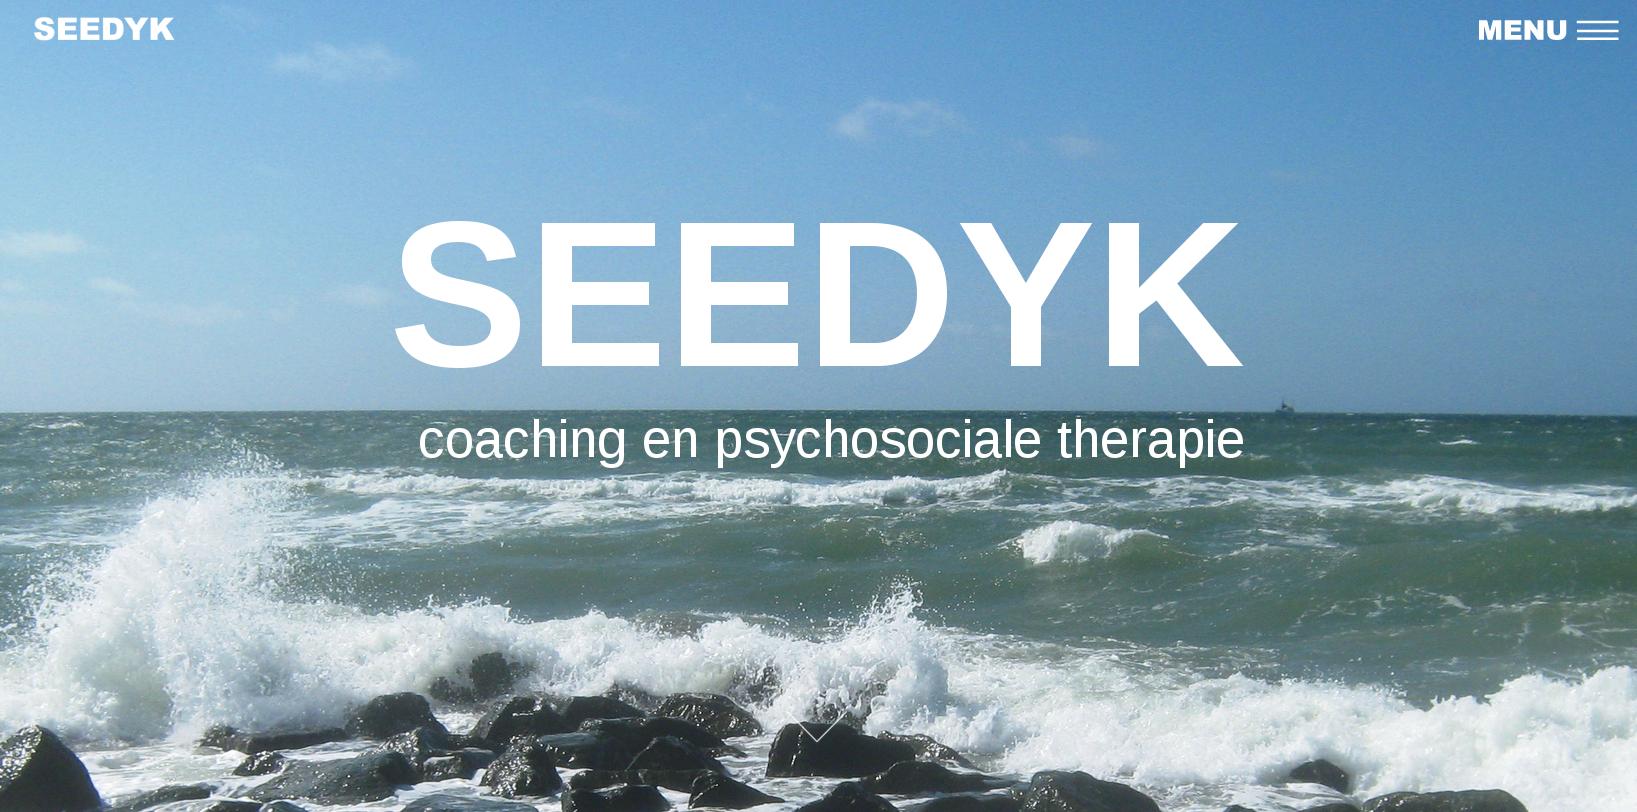 seedyk-home